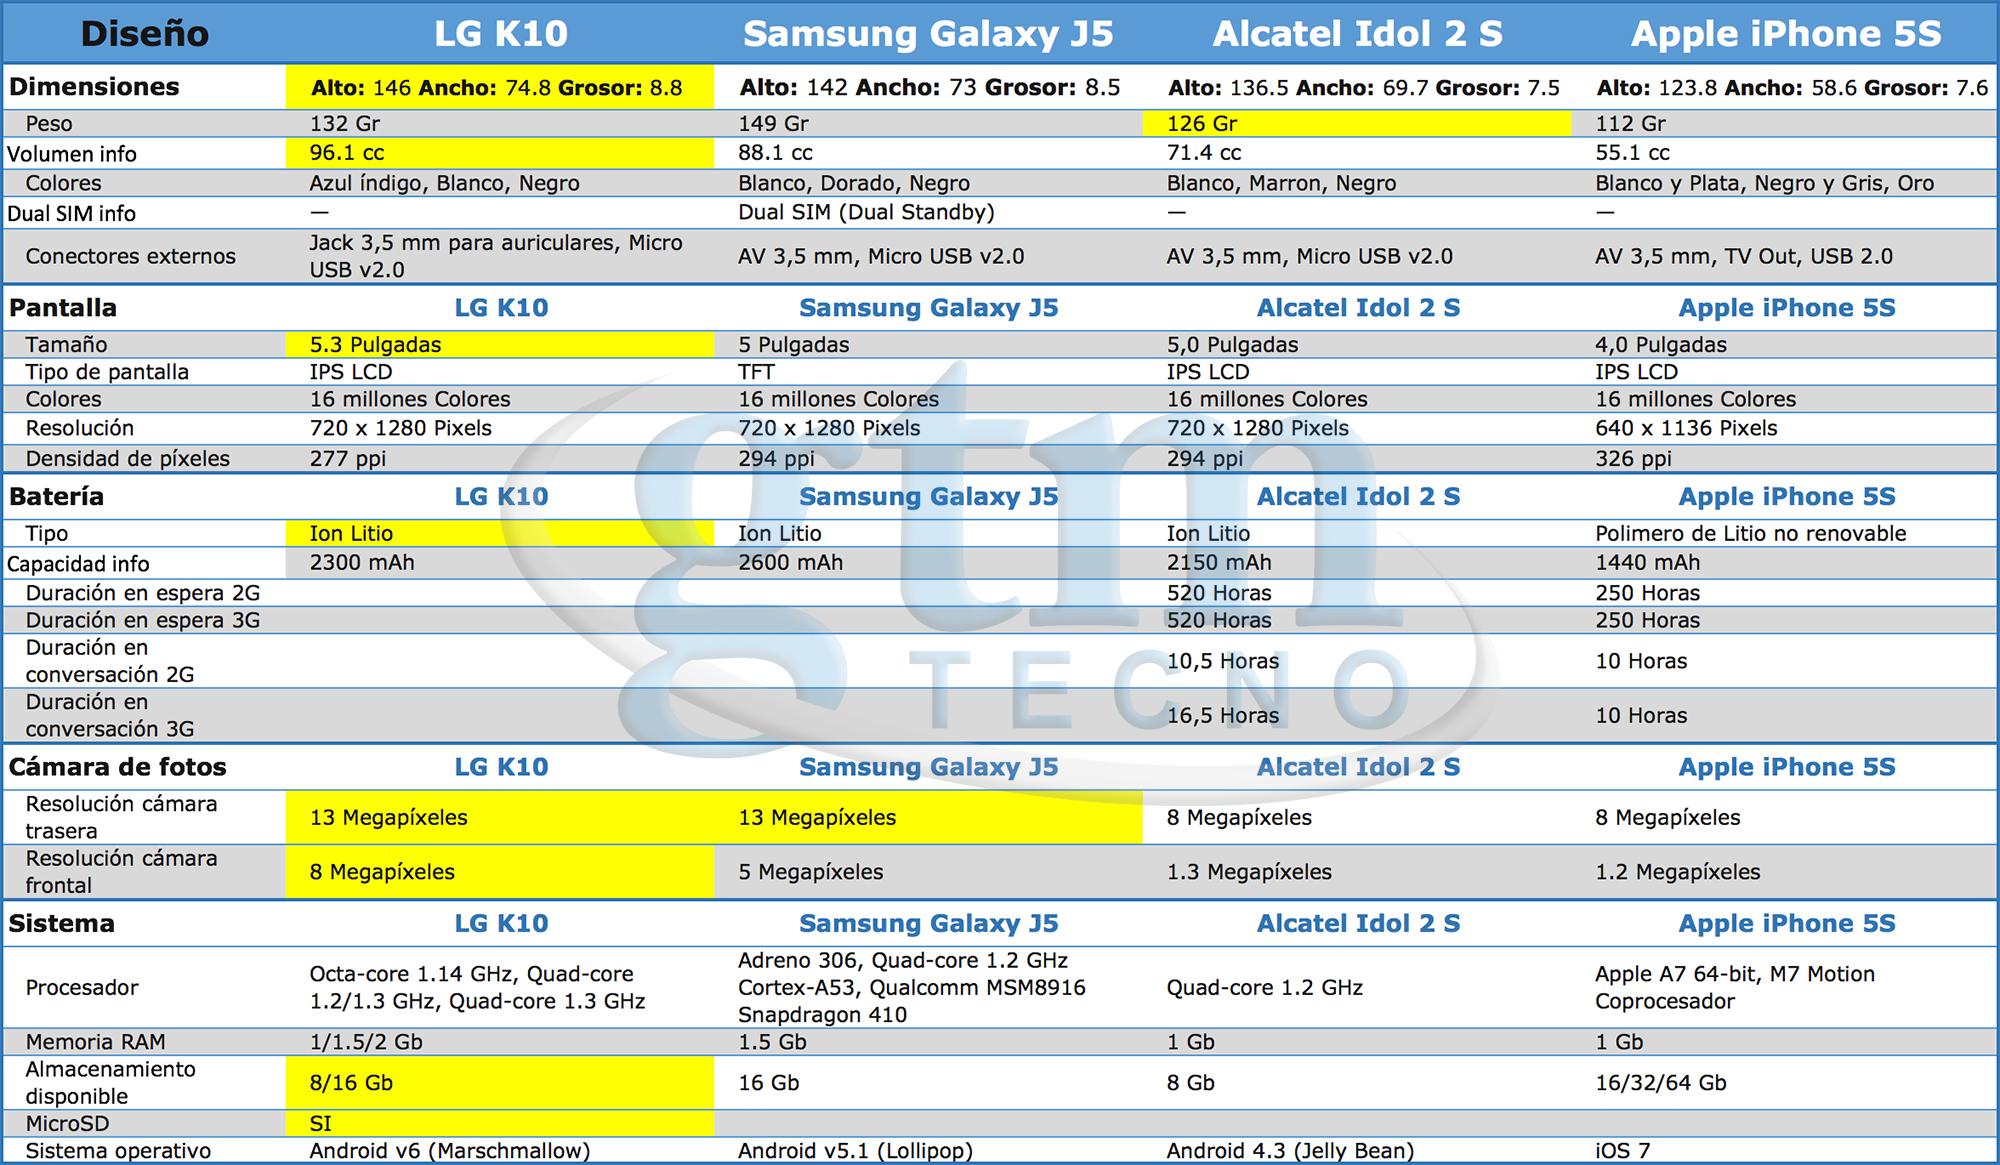 LG K10 frente a otros dispositivos de gama media